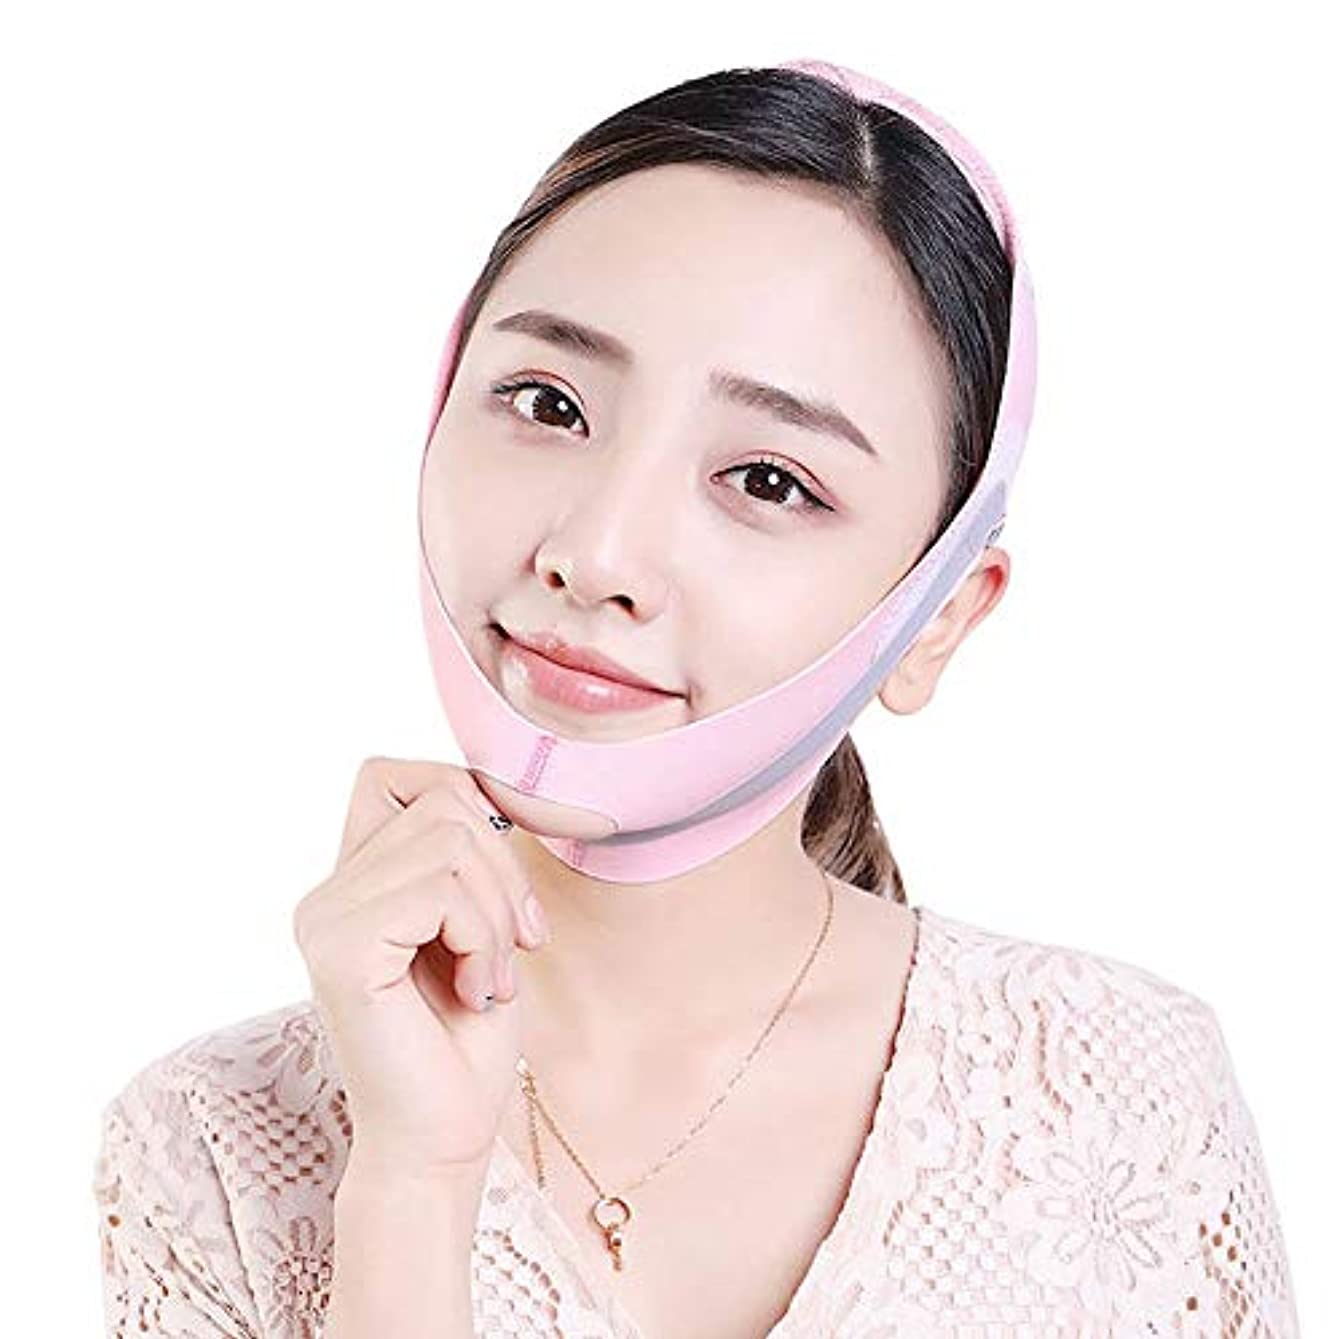 振り返る手配する特にJia Jia- たるみを防ぐために顔を持ち上げるために筋肉を引き締めるために二重あごのステッカーとラインを削除するために、顔を持ち上げるアーティファクト包帯があります - ピンク 顔面包帯